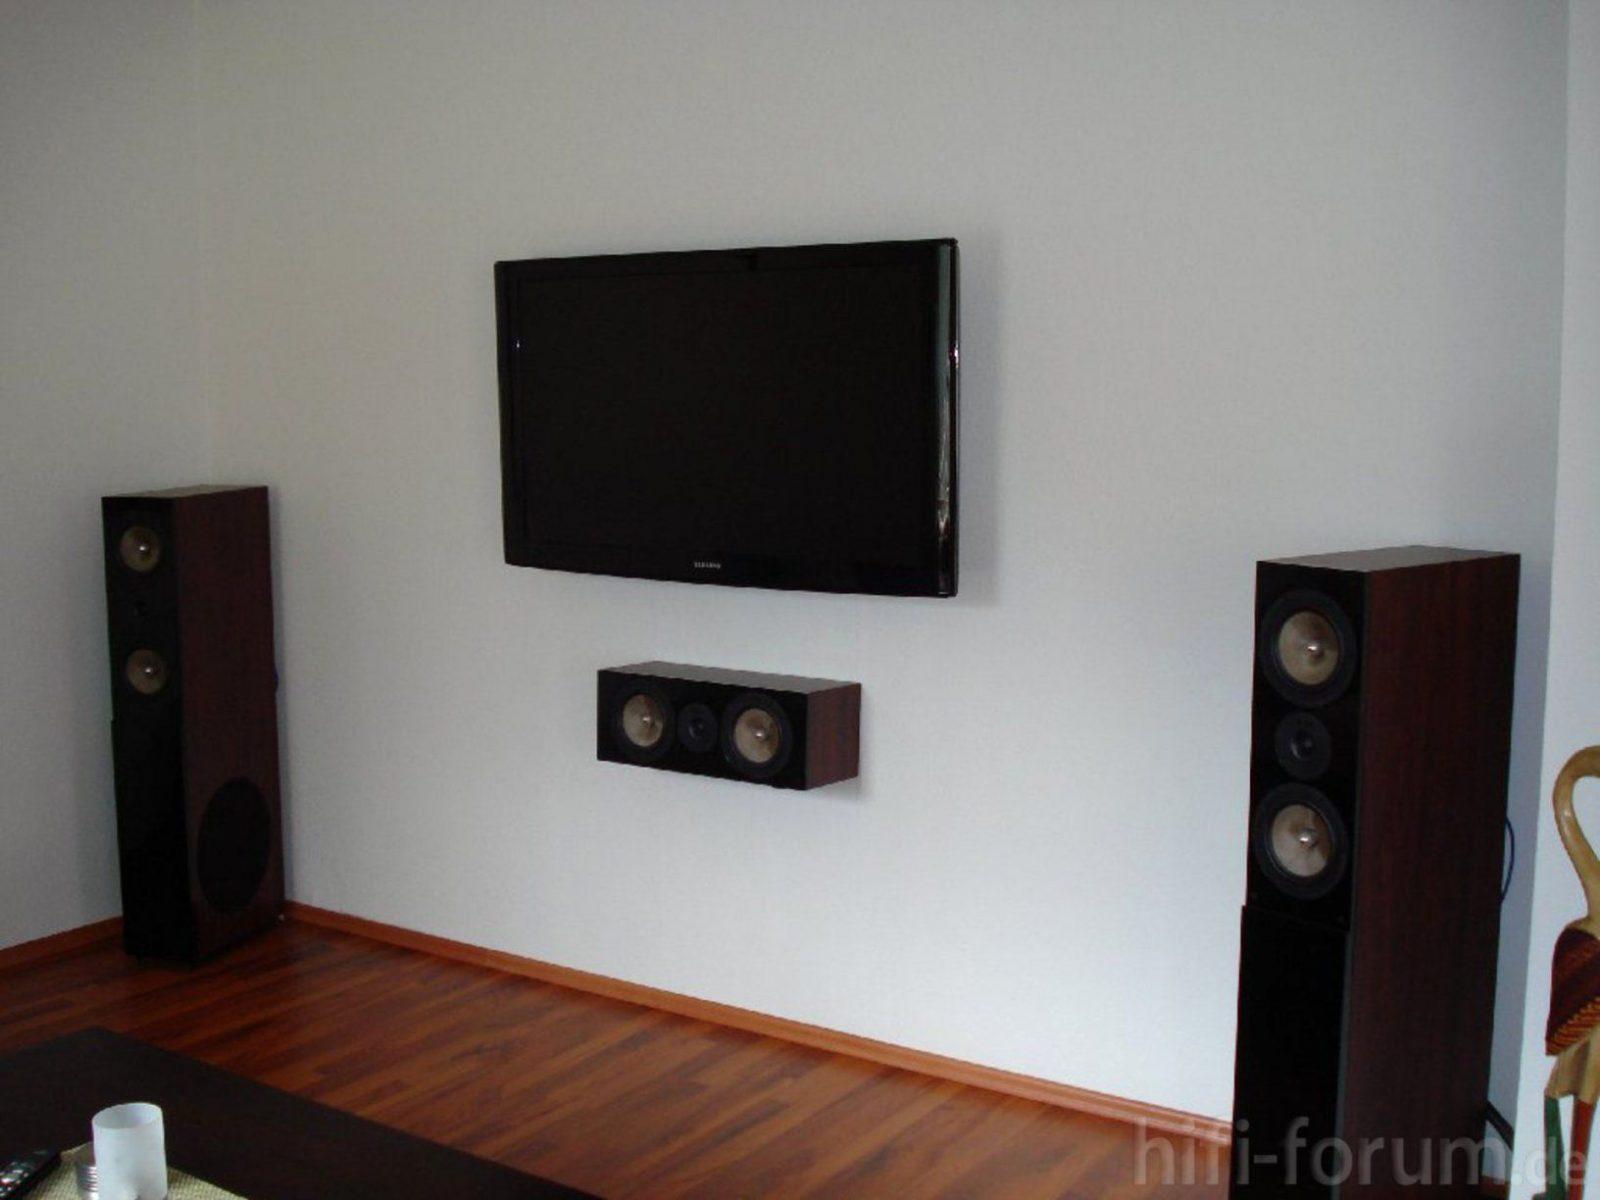 Fabelhafte Fernseher Kabel Verstecken 43 Tv An Der Wand Kabel von Fernseher Wandmontage Kabel Verstecken Photo